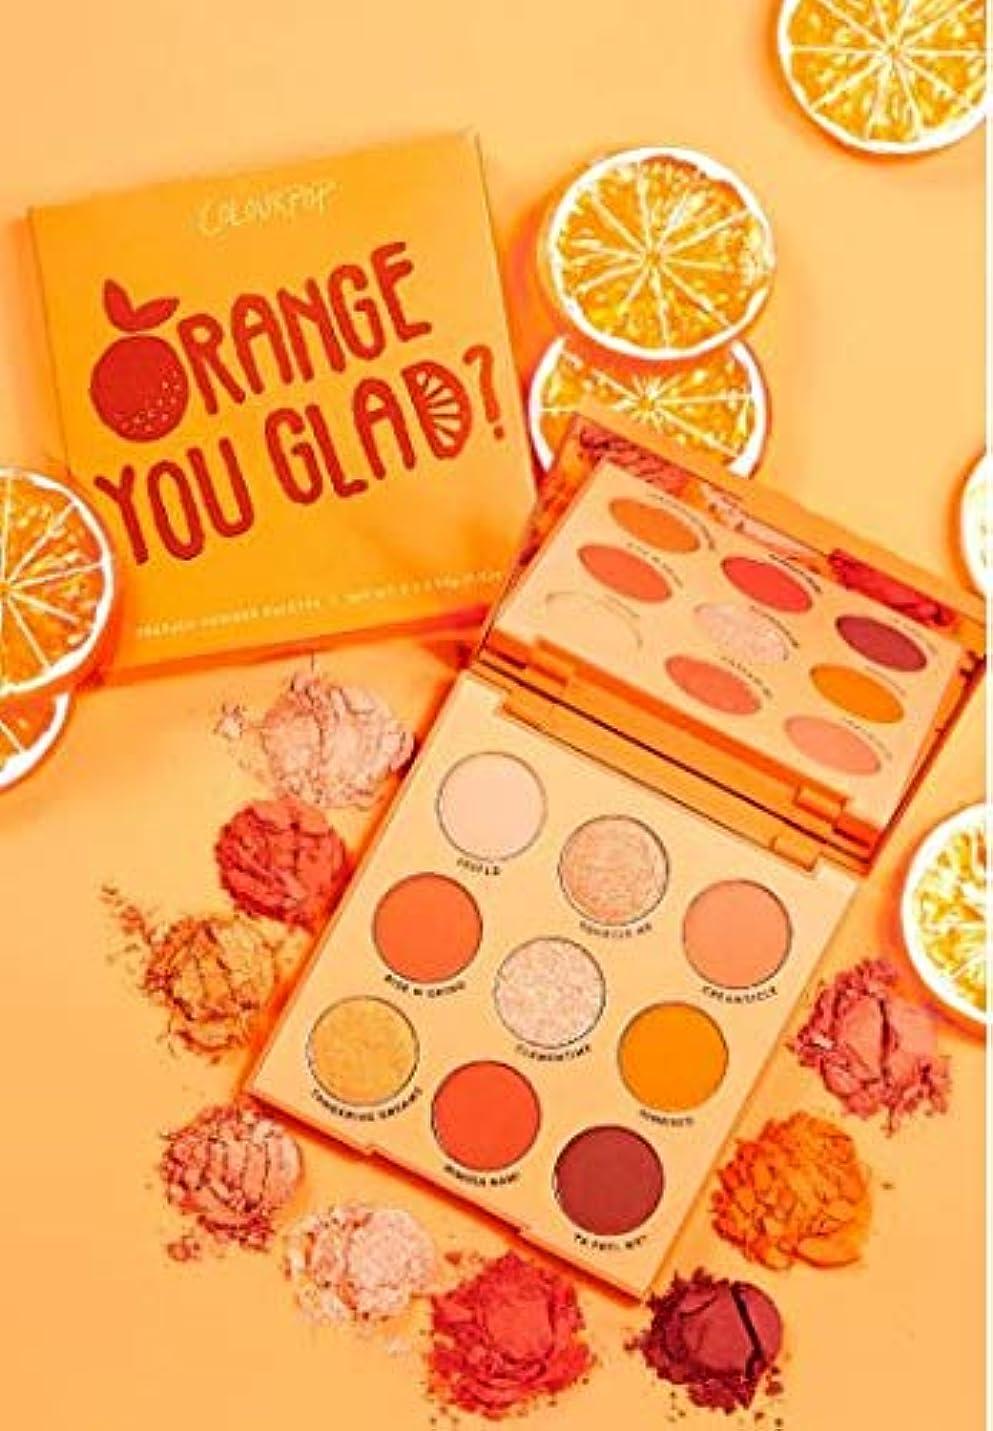 襲撃吸収指令カラーポップ (ColourPop) ORANGE YOU GLAD オレンジアイシャドウパレット